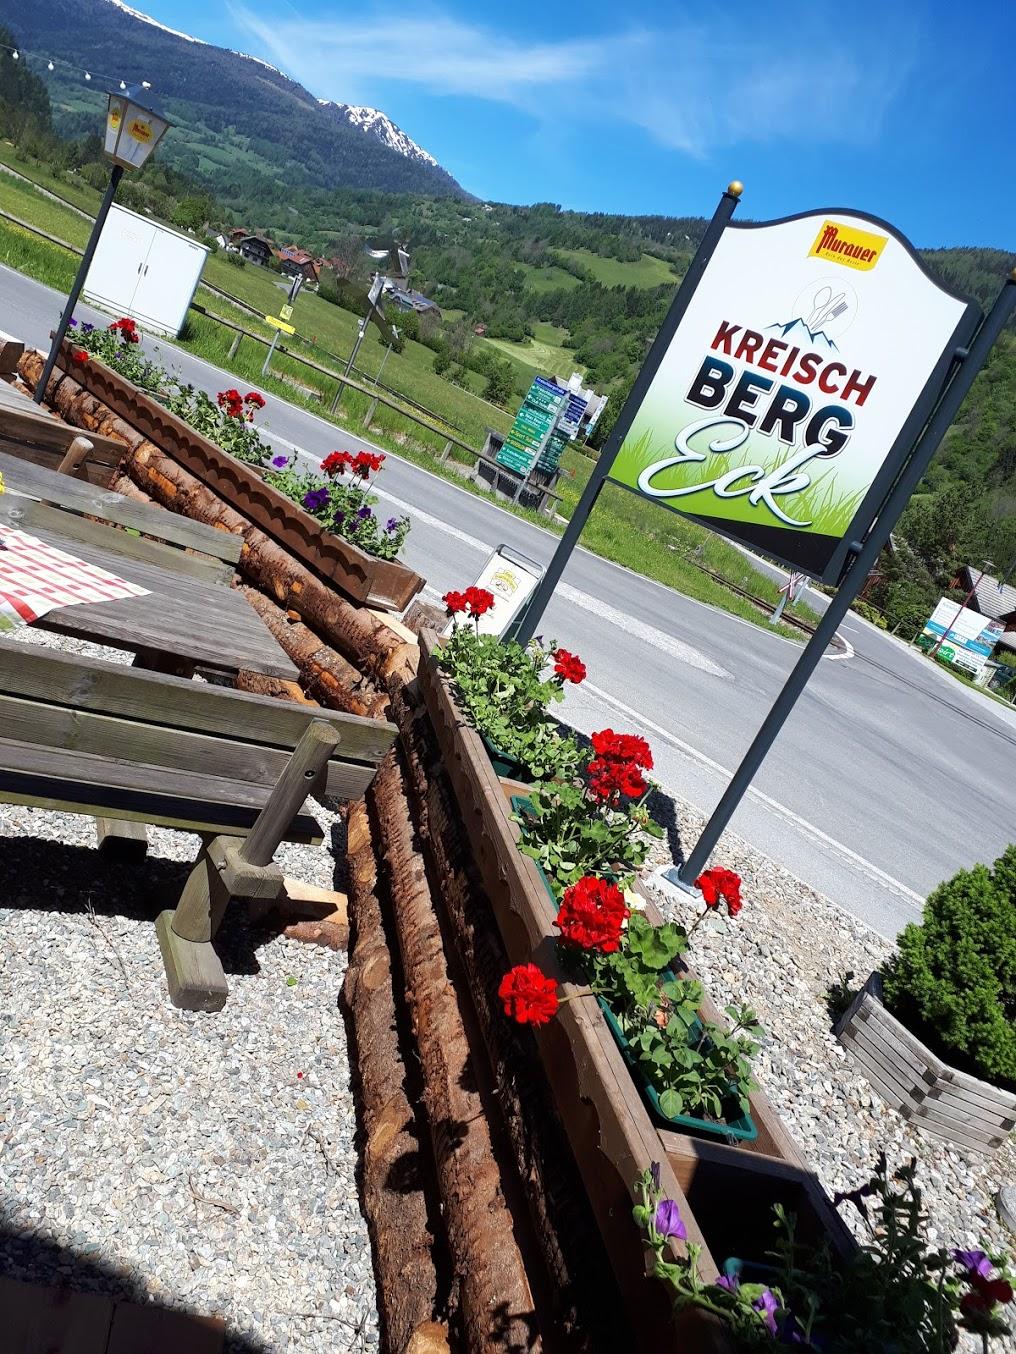 Restaurant Kreischberg Eck St Georgen ob Murau Gaststaette am Murradweg Terrasse